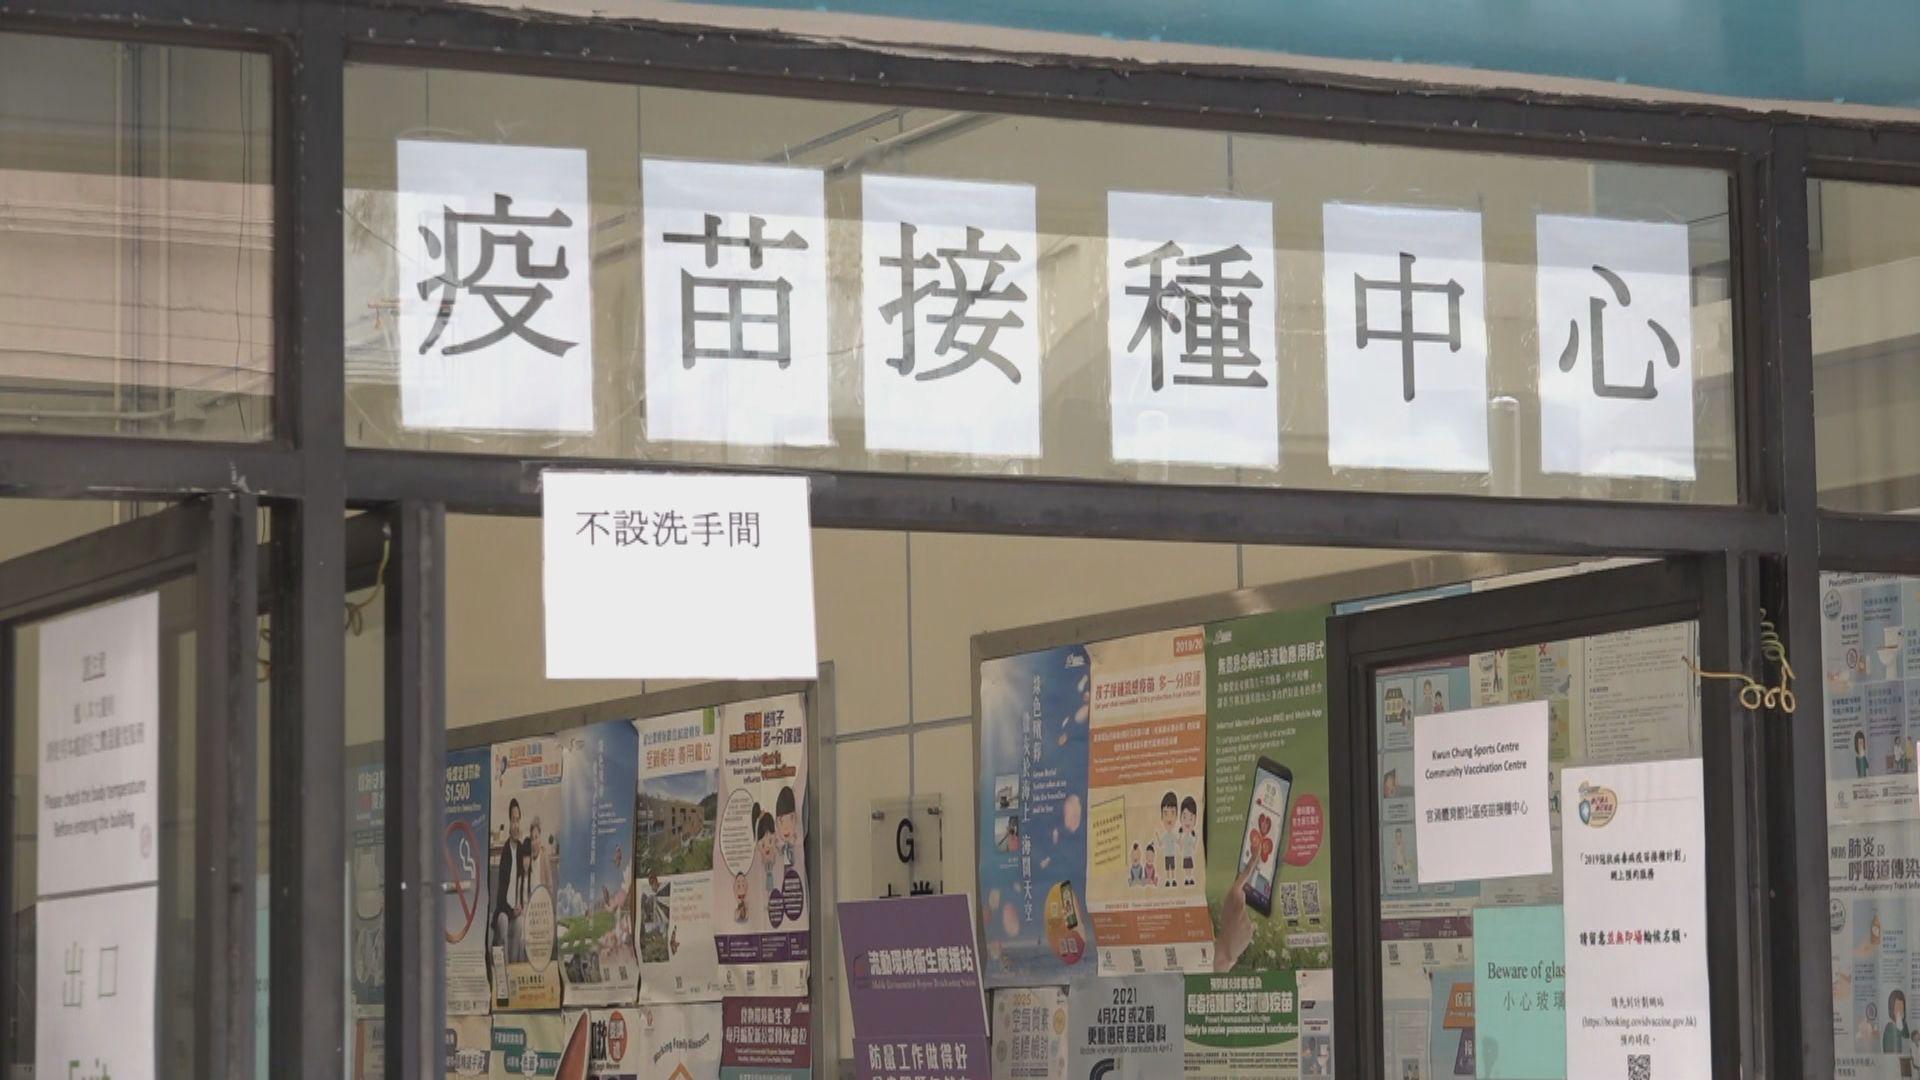 消息:63歲長期病患男子接種科興兩天後死亡